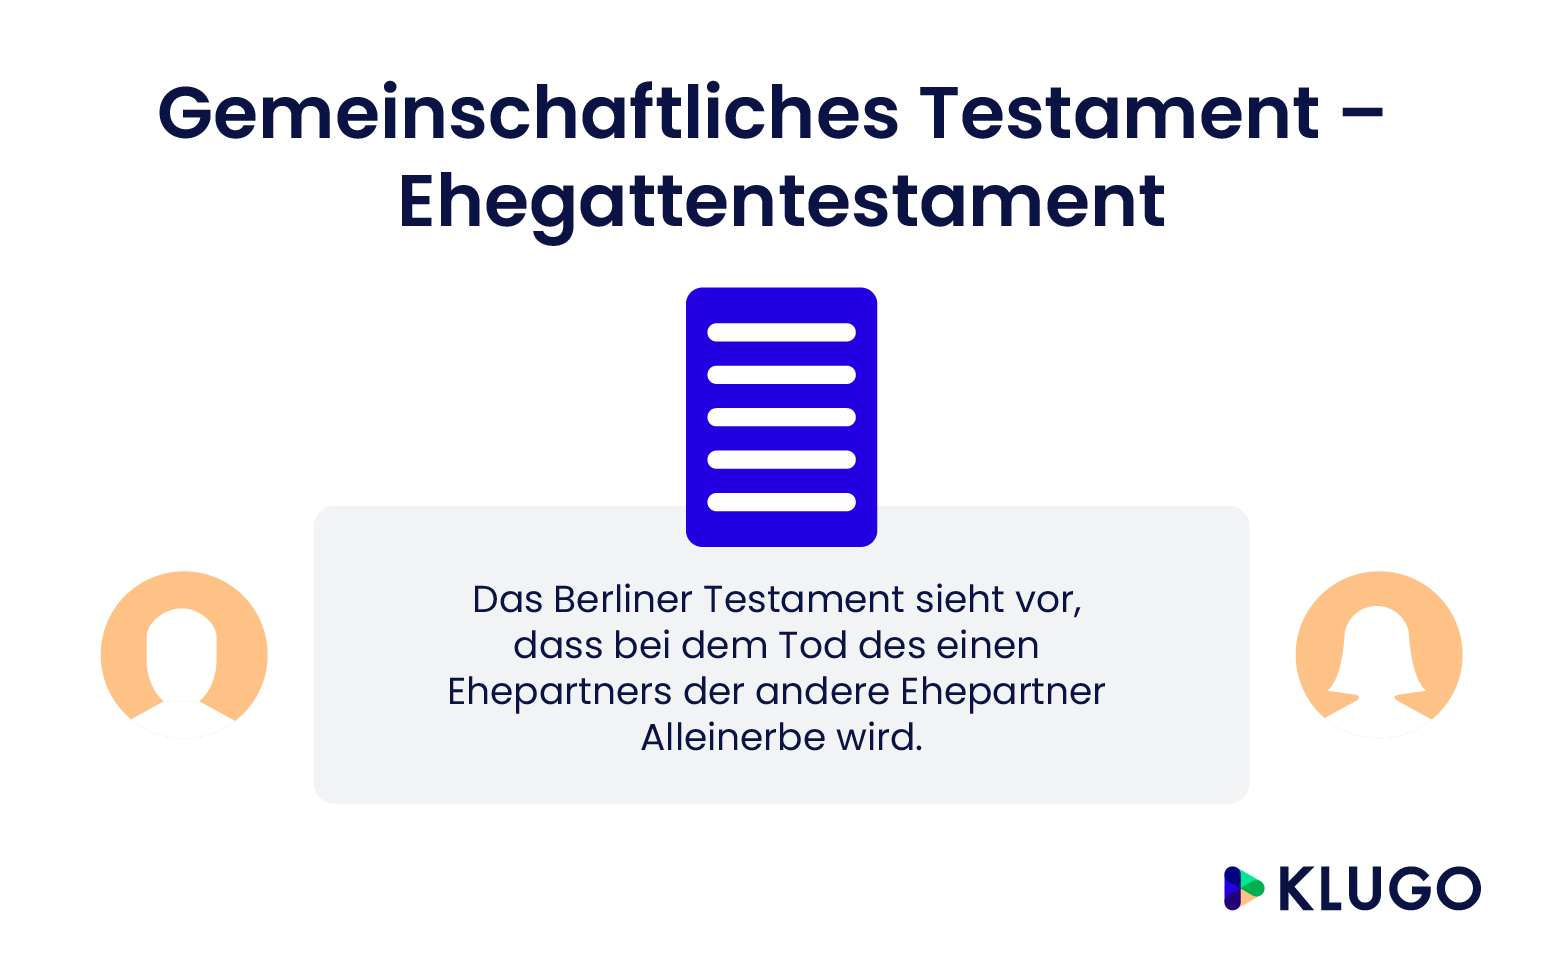 Gemeinschaftliches Testament – Infografik